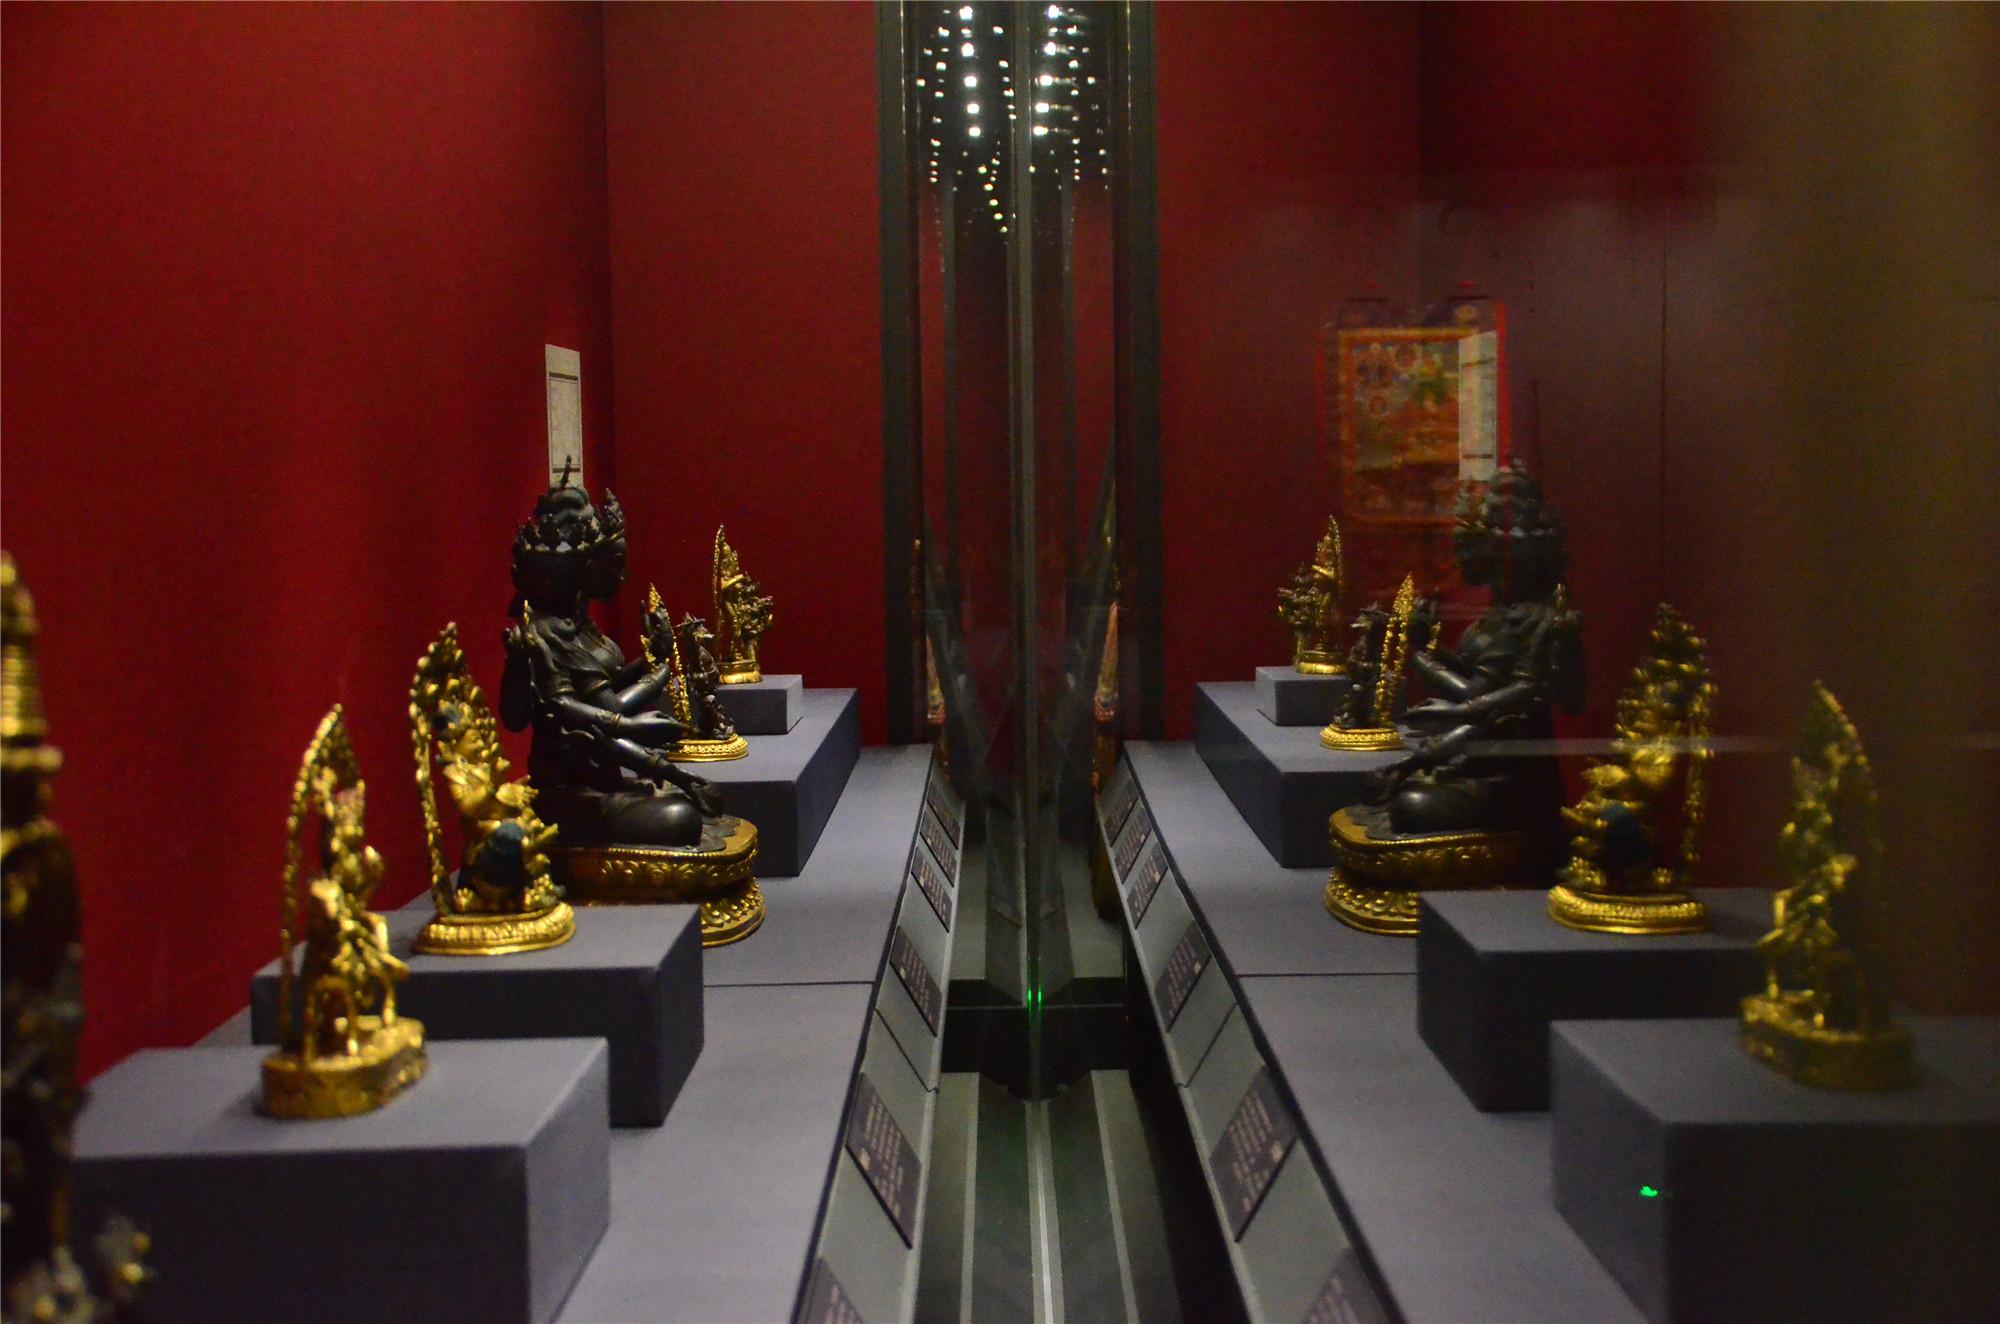 """速览!""""须弥福寿:当扎什伦布寺遇上避暑山庄""""展上的珍贵文物"""